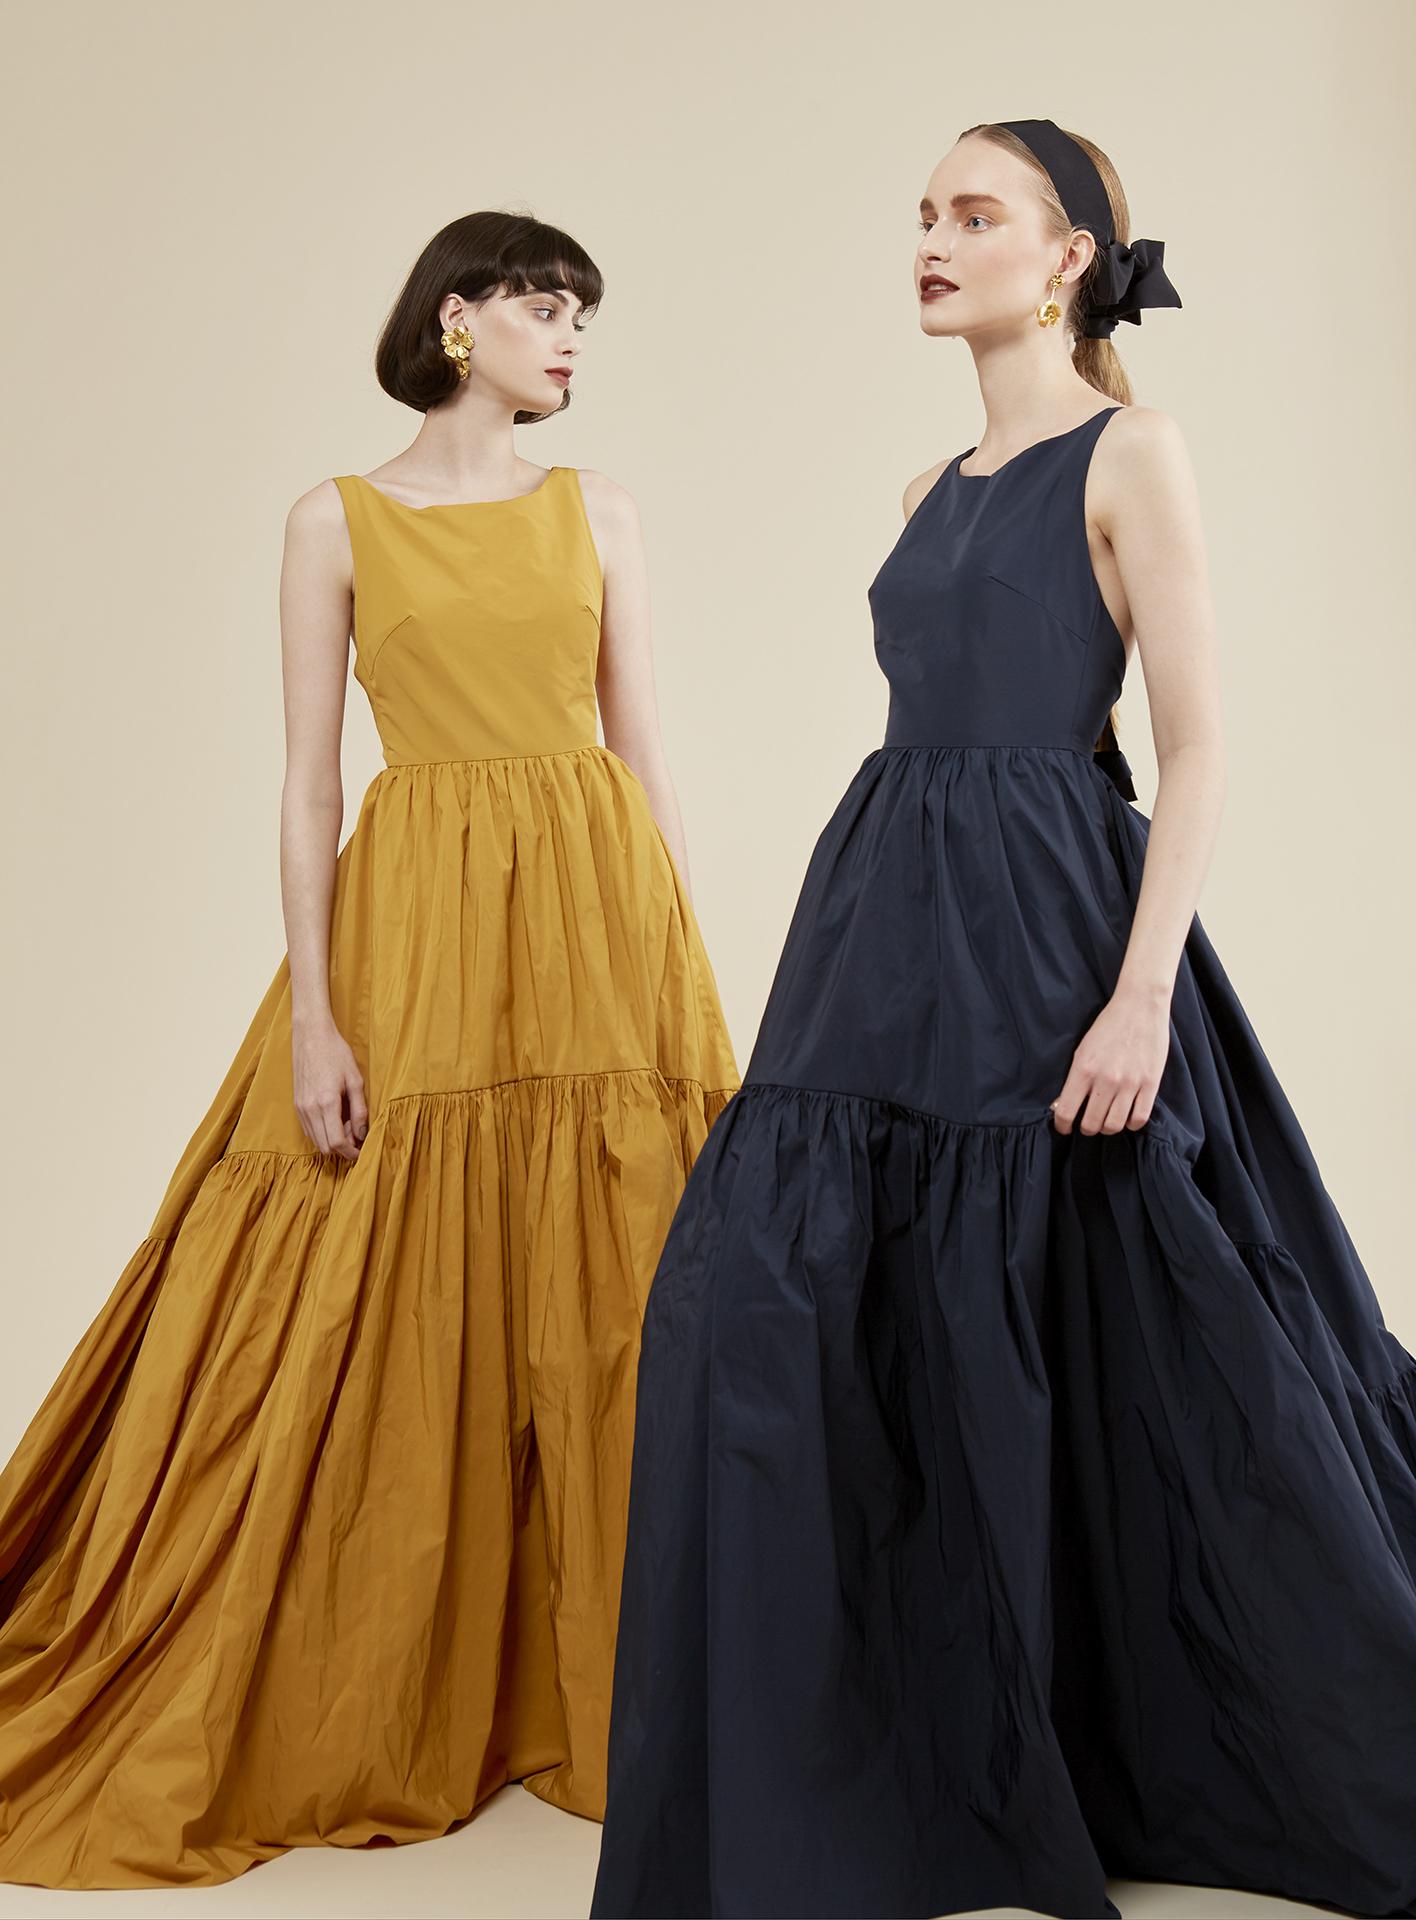 トリートのオリジナルカラードレス。人気のV開きのバックスタイルがおしゃれです。ハリ感のあるモードなスタイルを楽しんで。